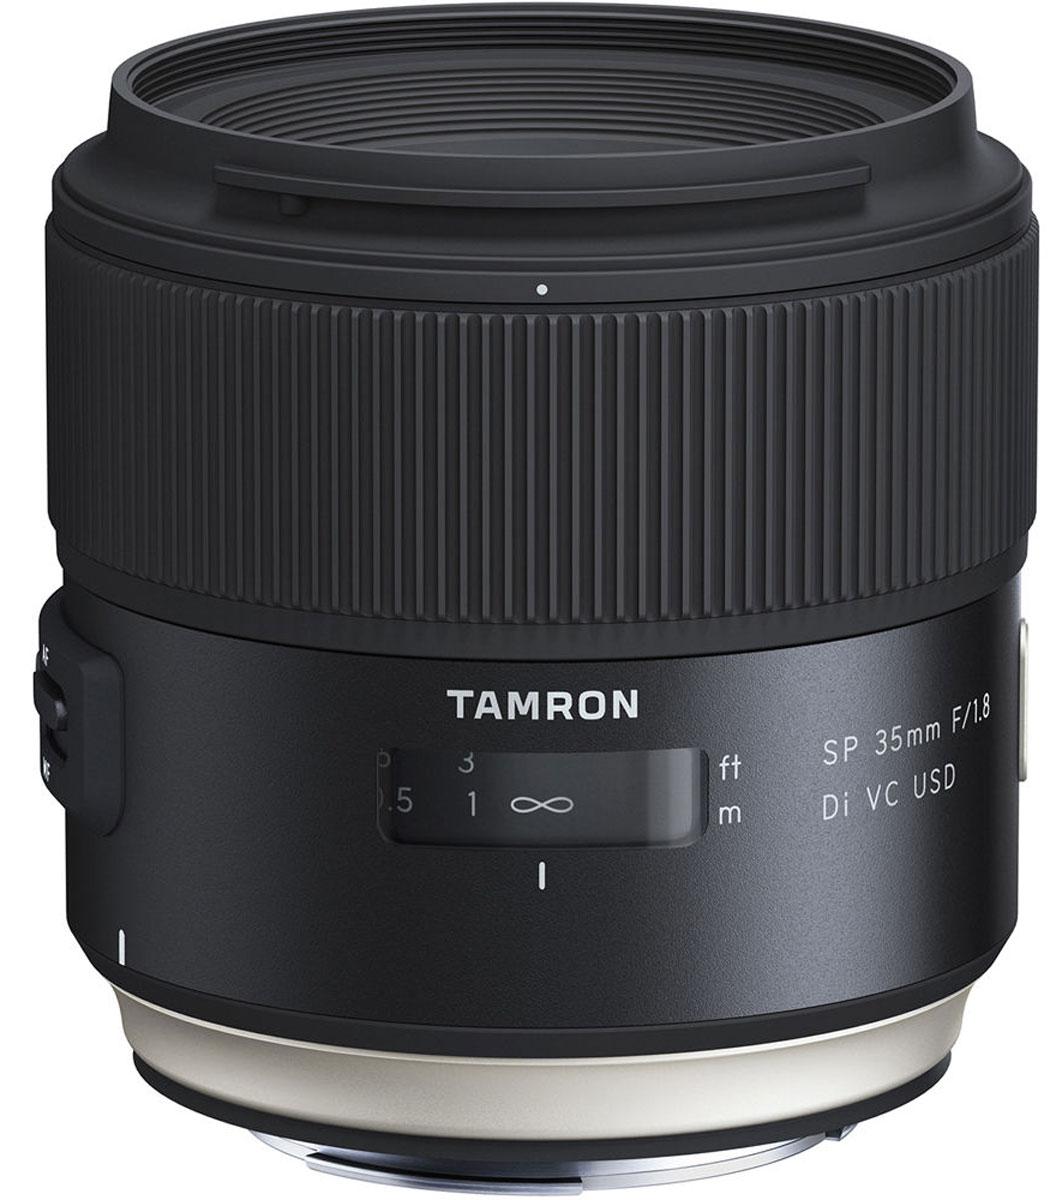 Tamron SP 35mm F/1.8 DI VC USD, Black объектив для Canon